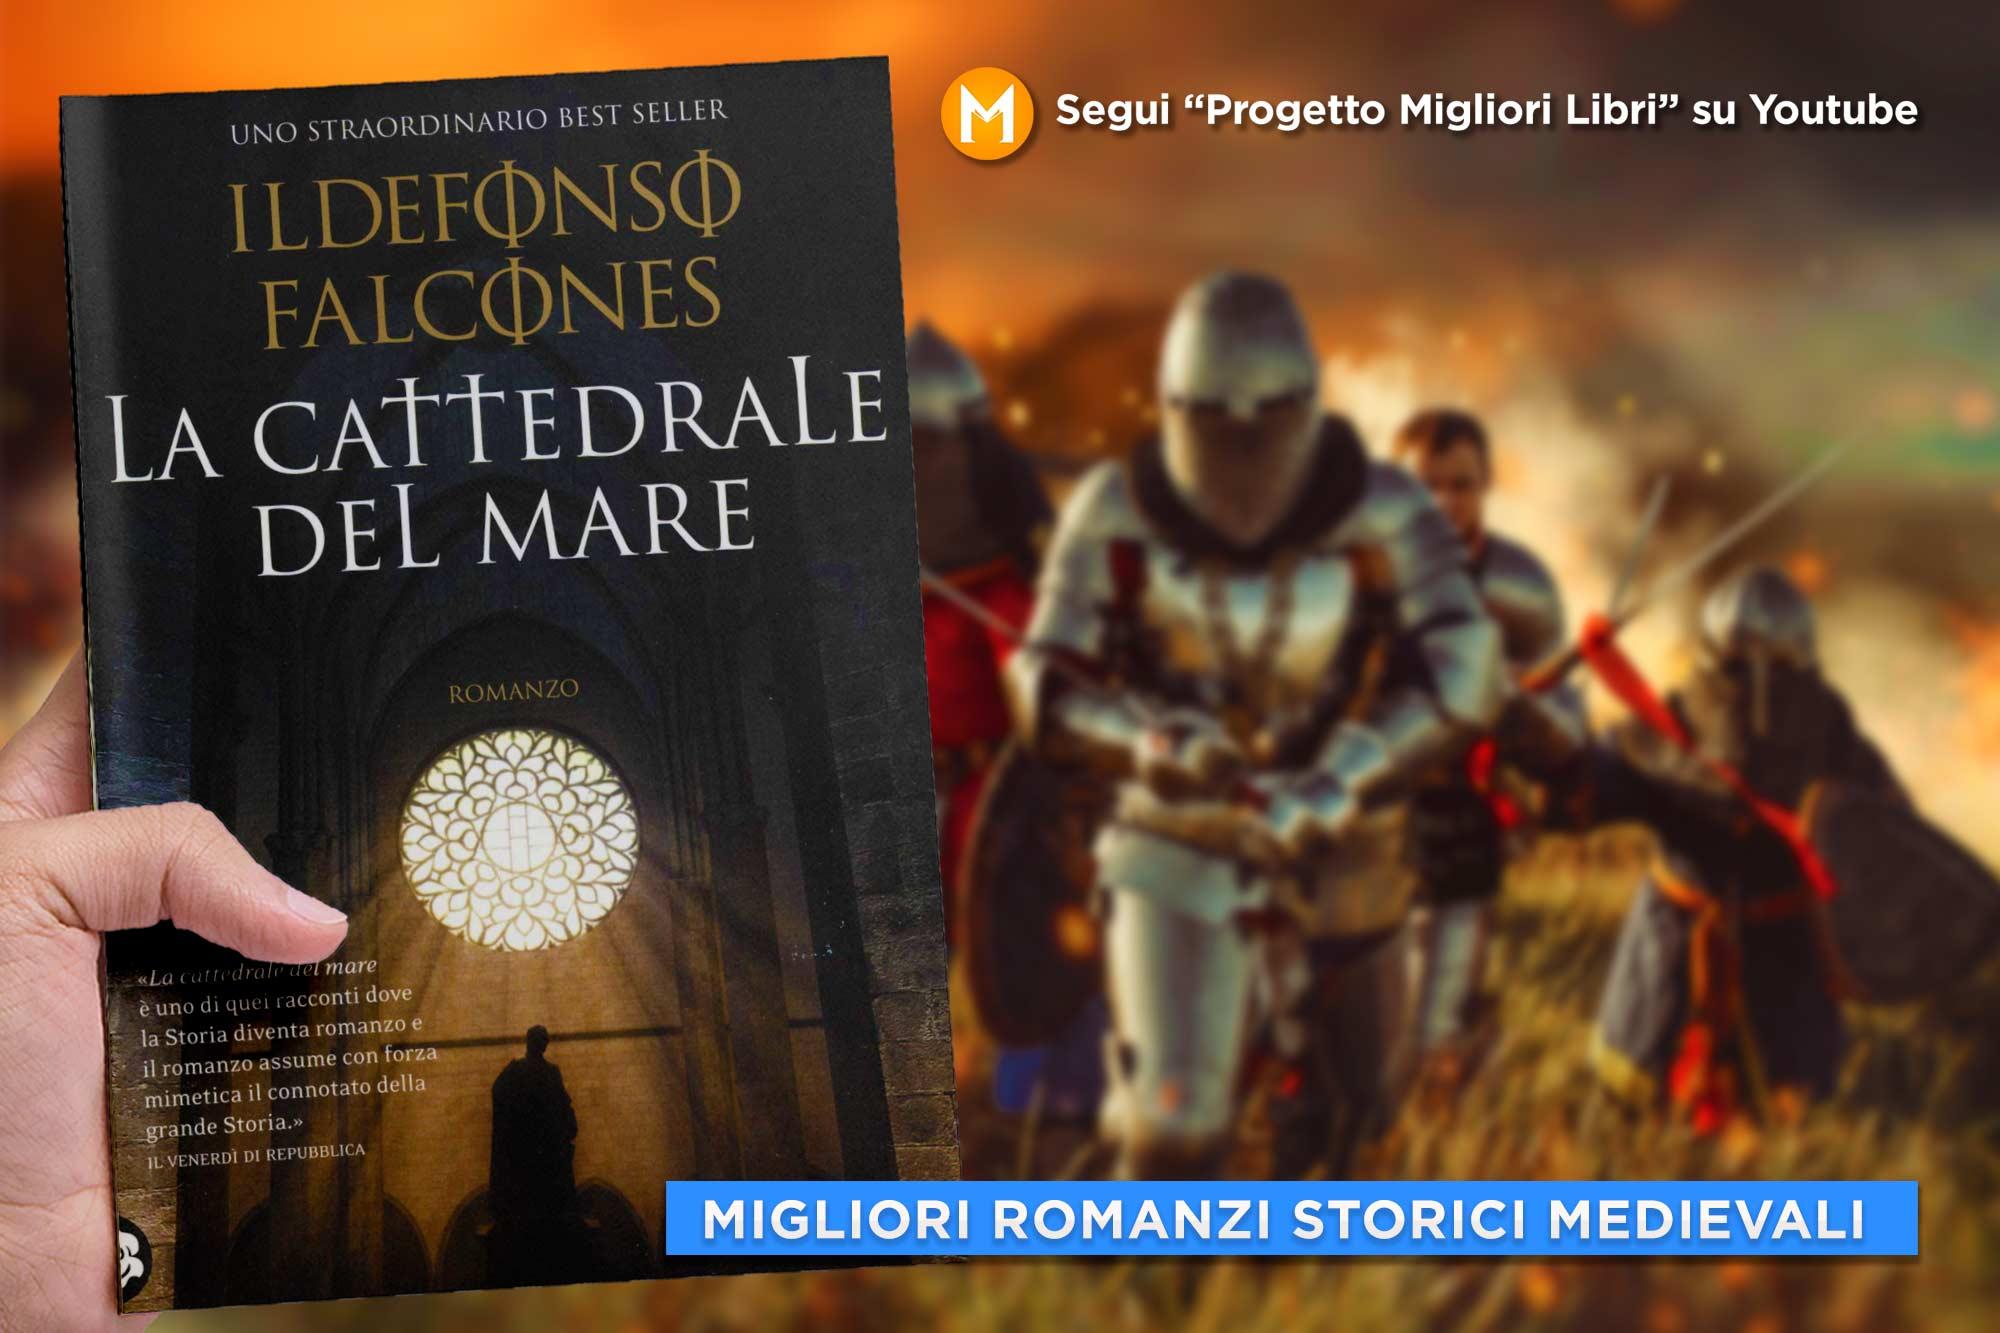 migliori-romanzi-storici-medievali